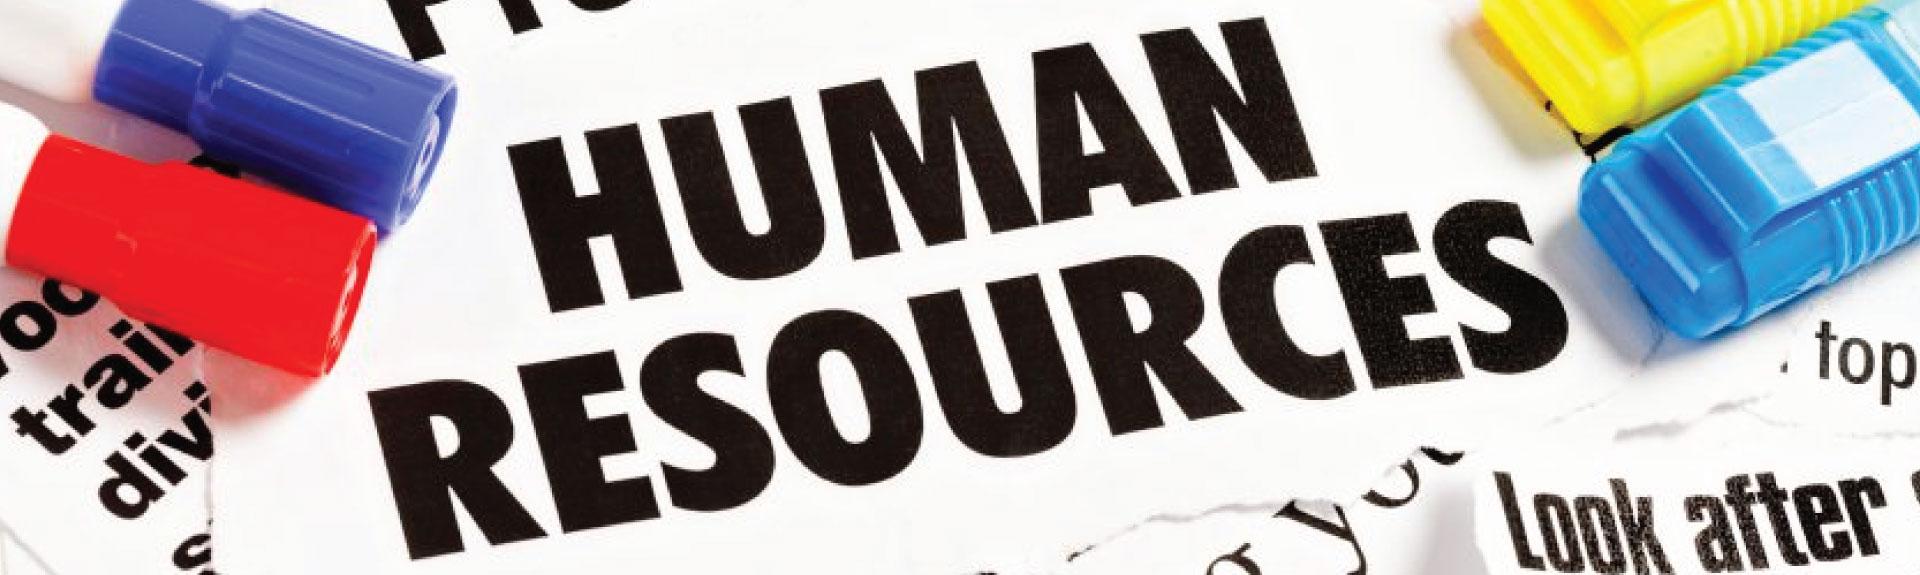 Mettere le persone al centro, l'imperativo etico degli HR